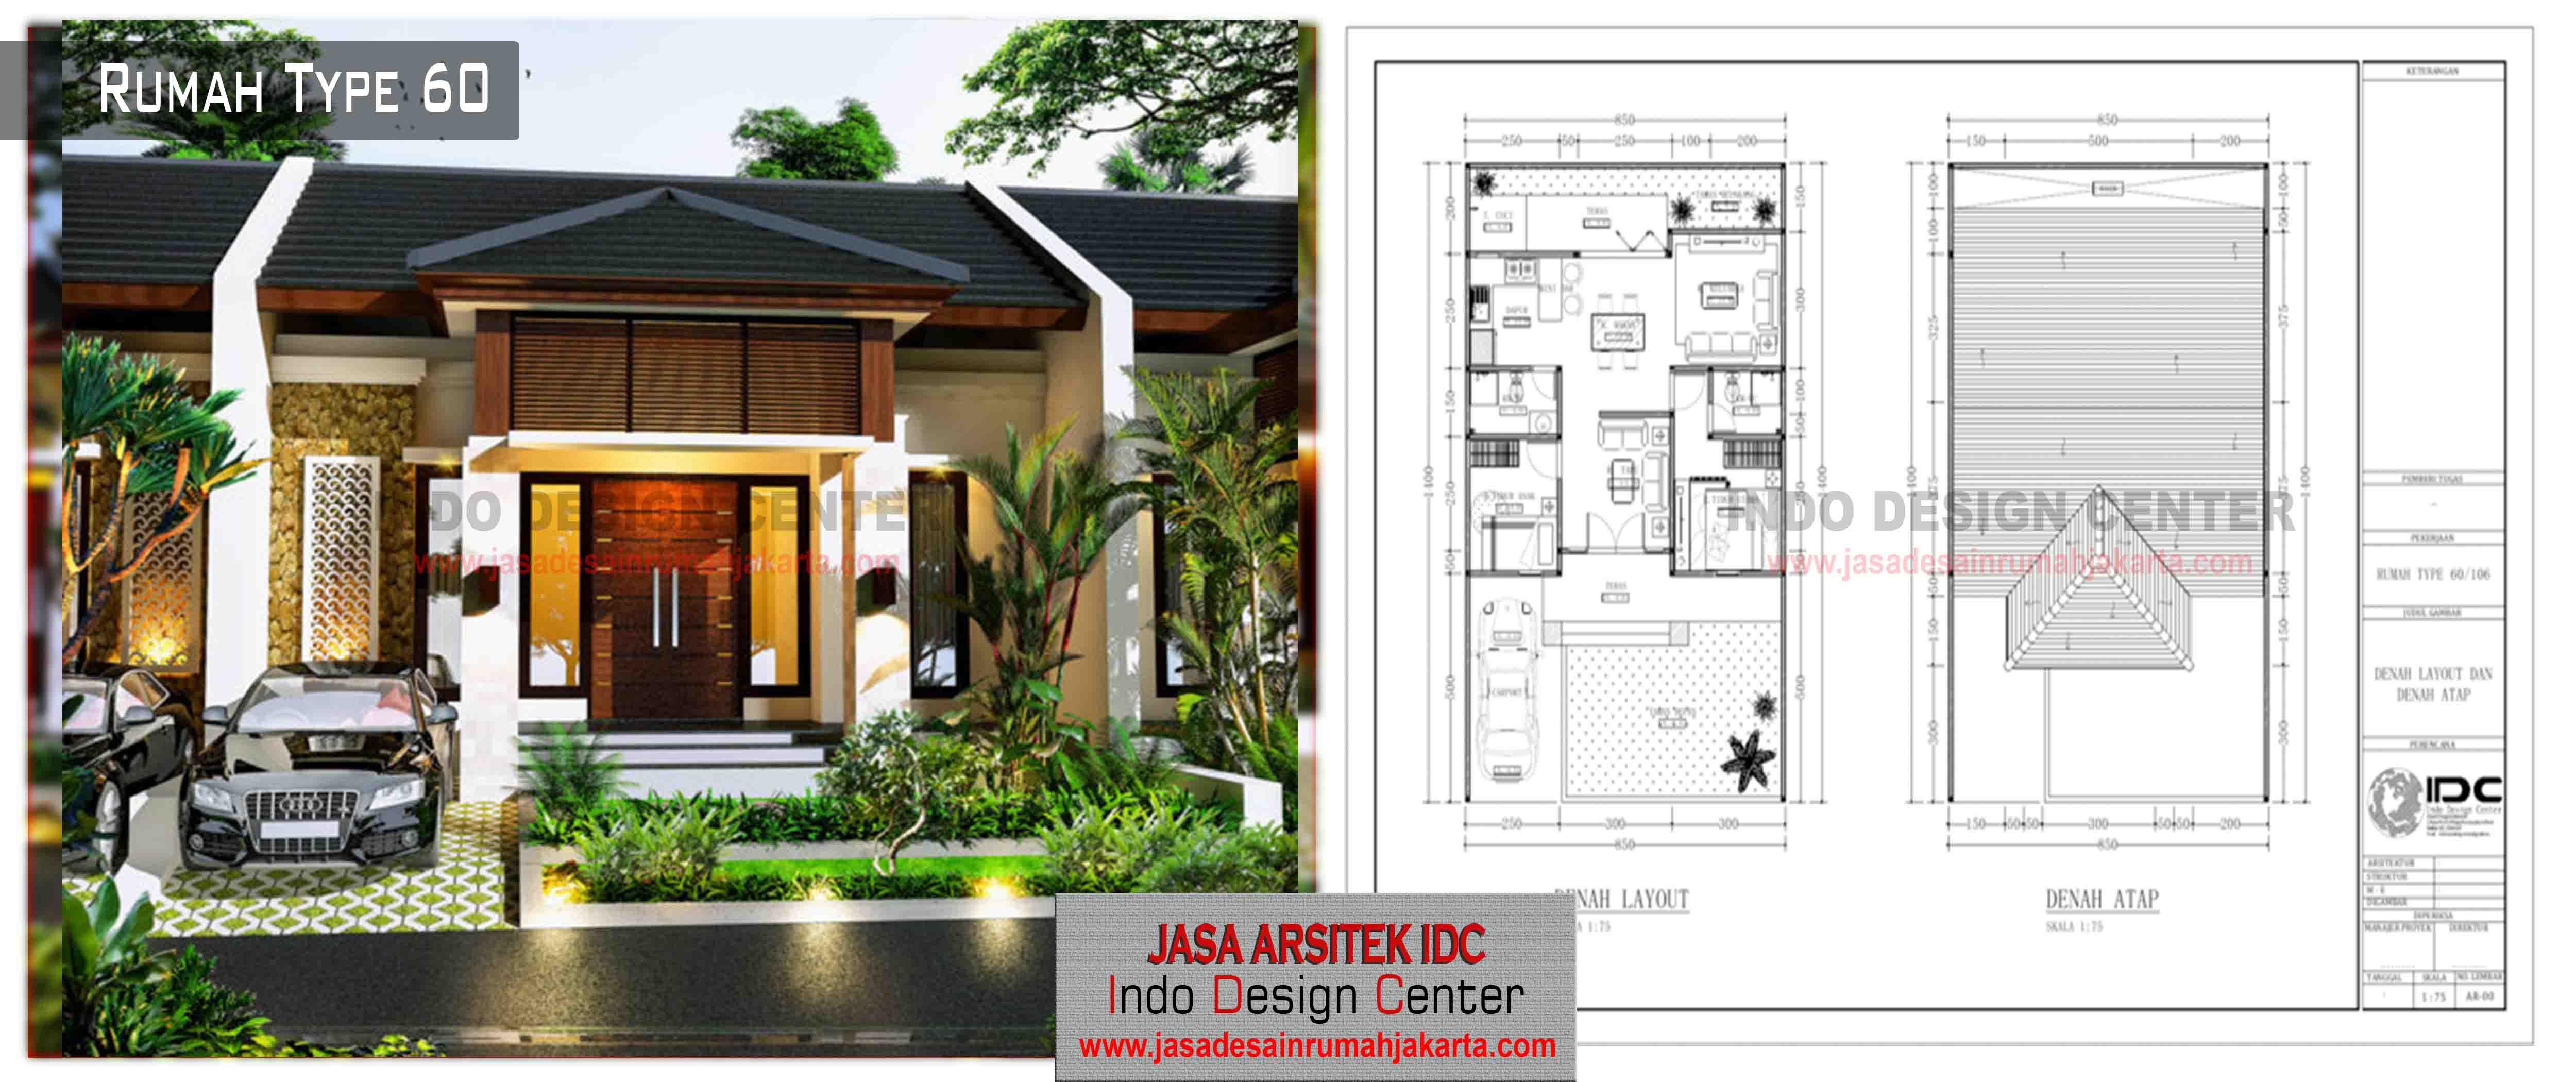 09 Desain Rumah Type 60 Jasa Desain Rumah Jakarta